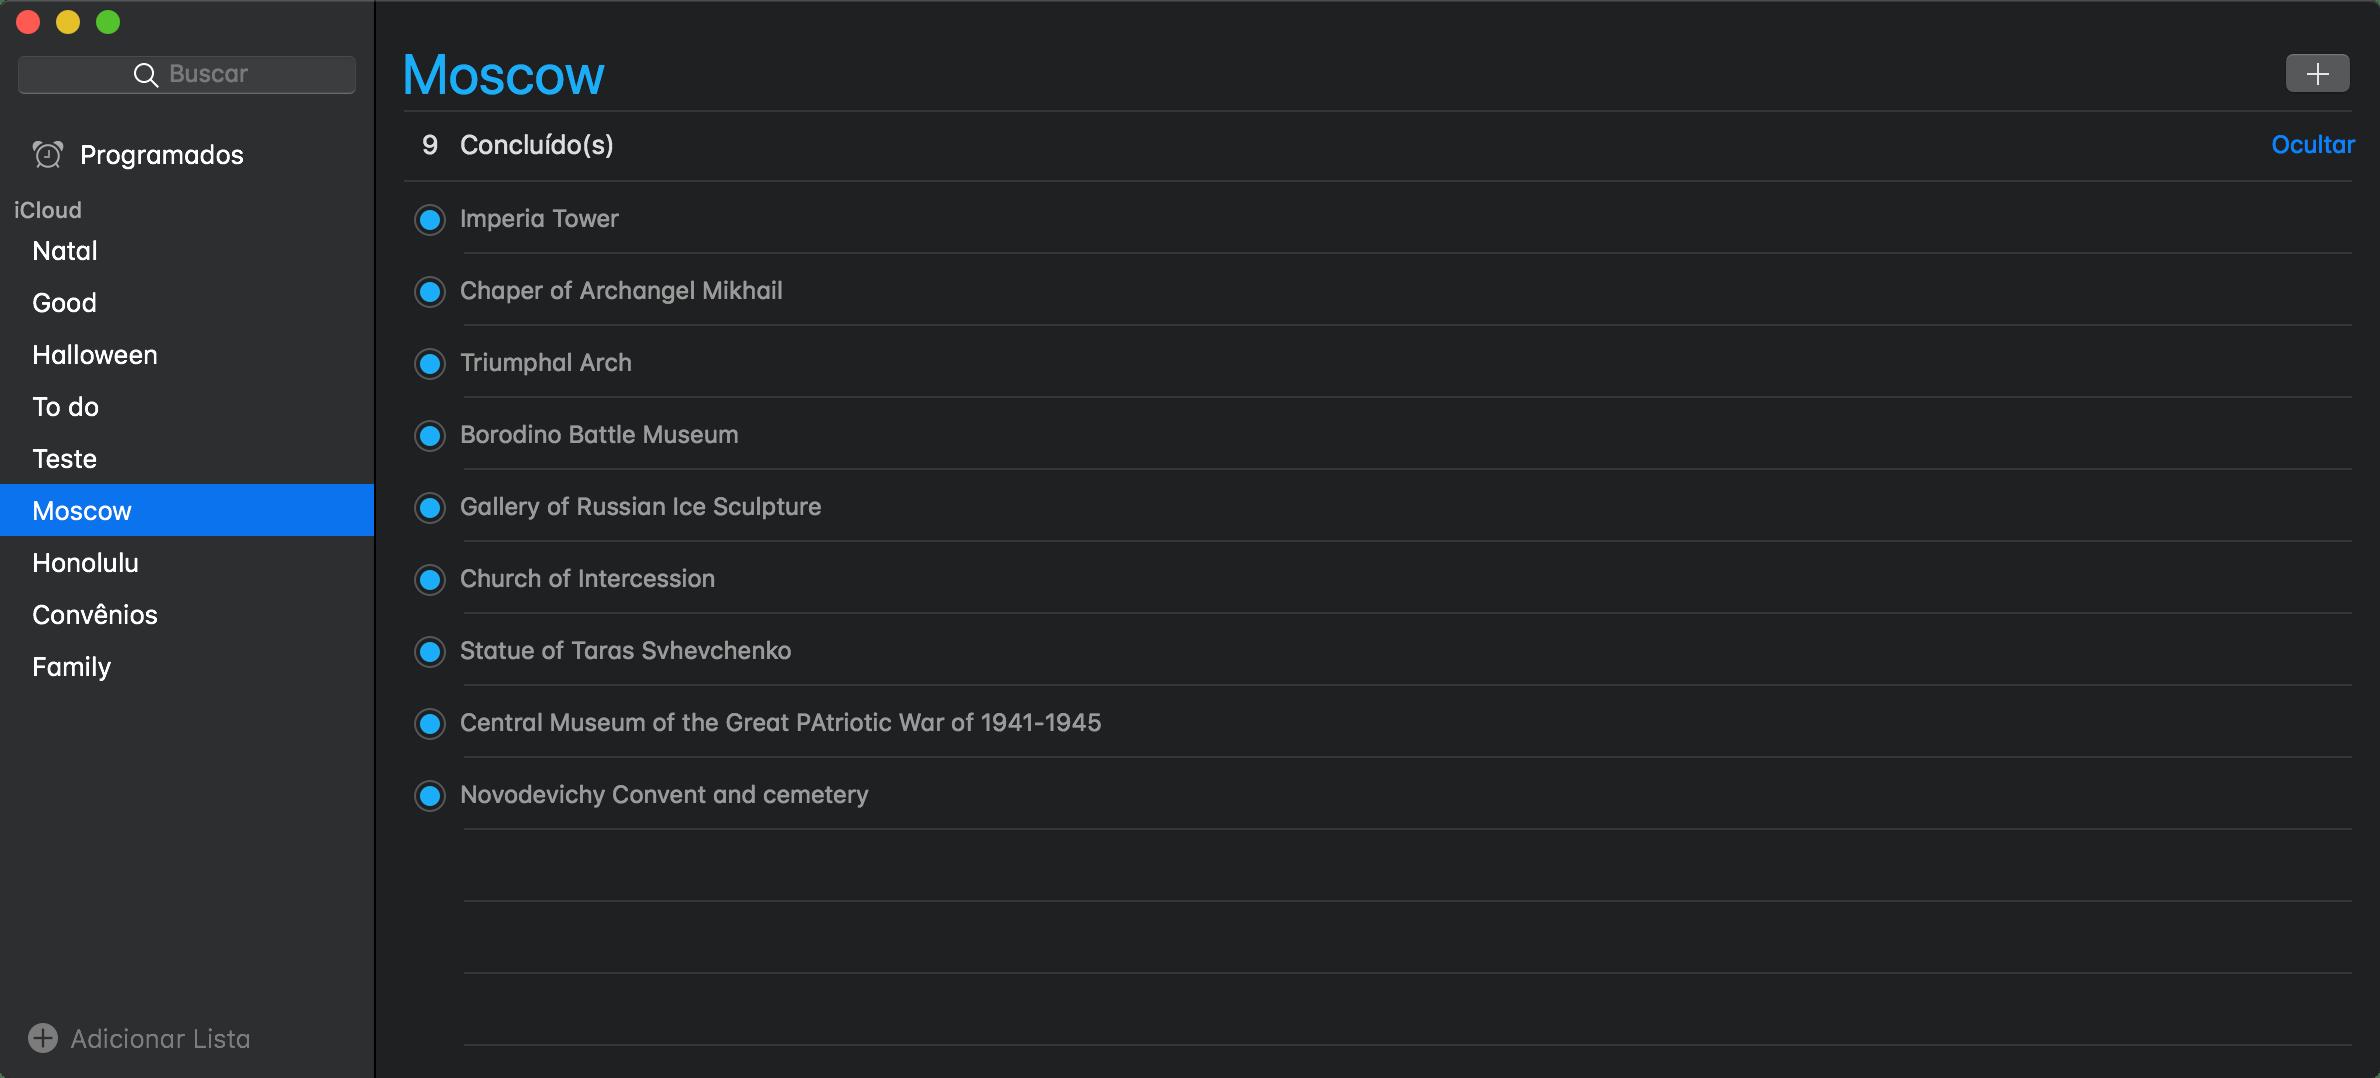 Modo Escuro no macOS 10.14 Mojave